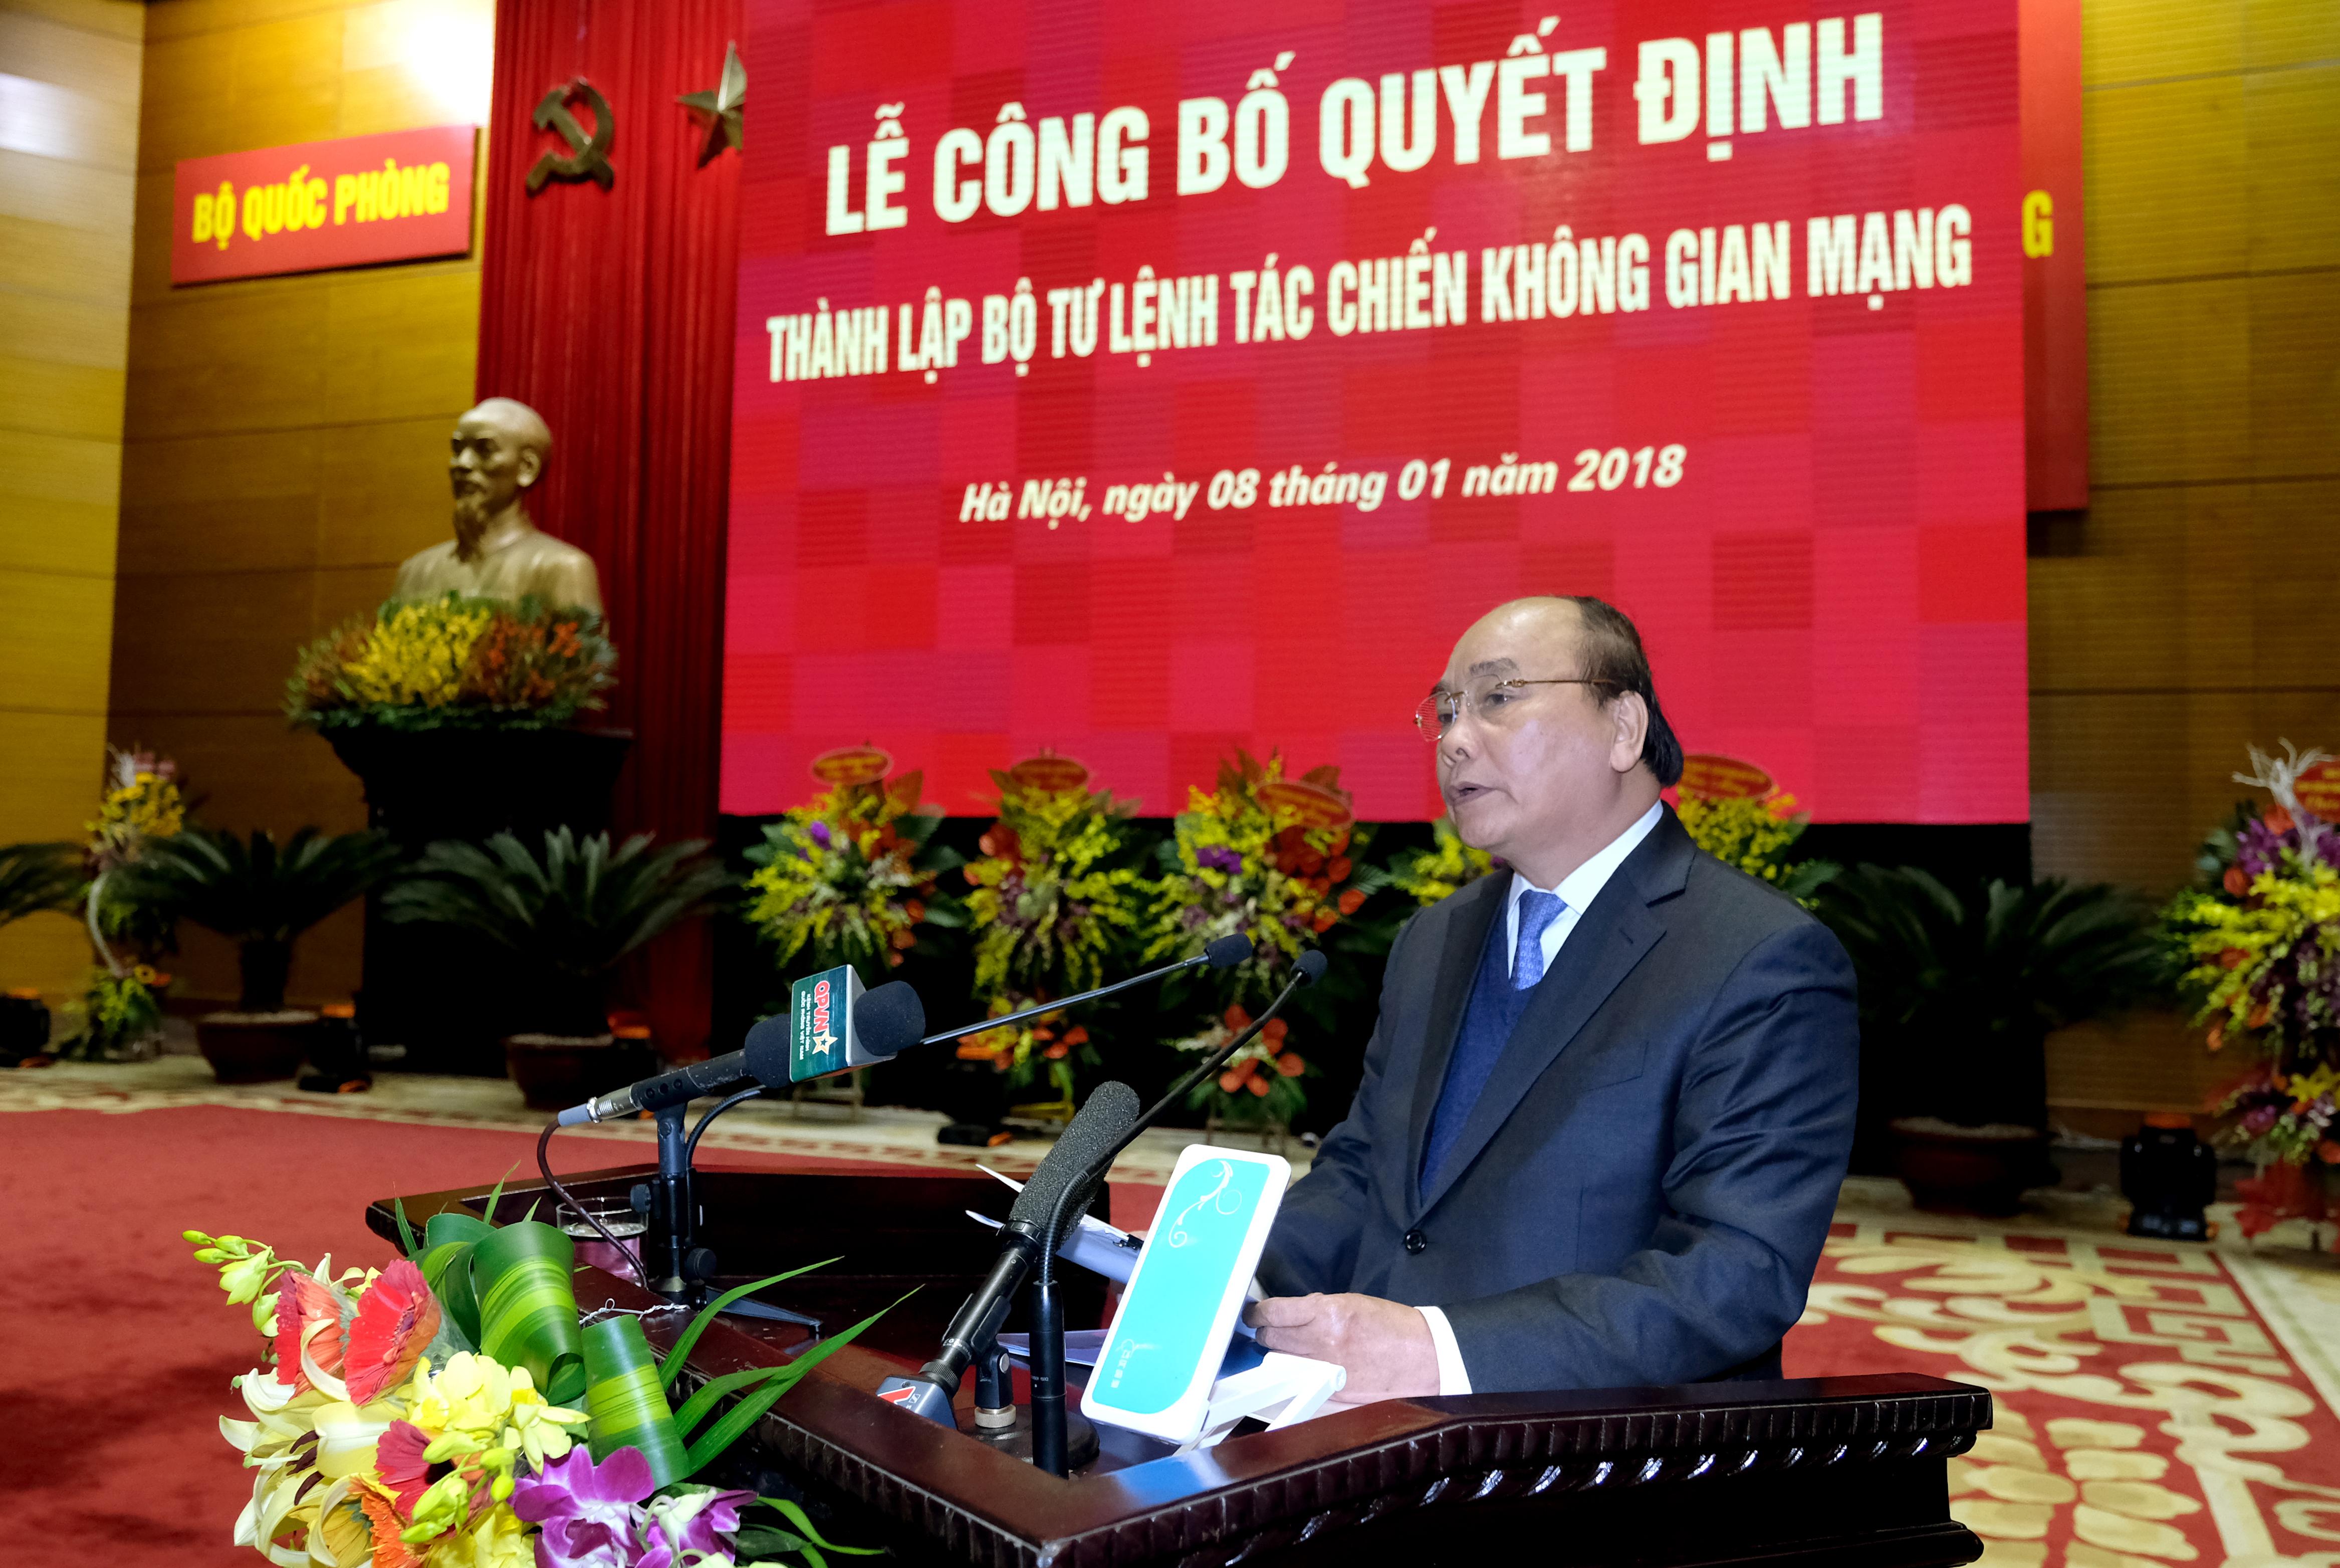 thu tuong giao nhiem vu cho luc luong tac chien khong gian mang